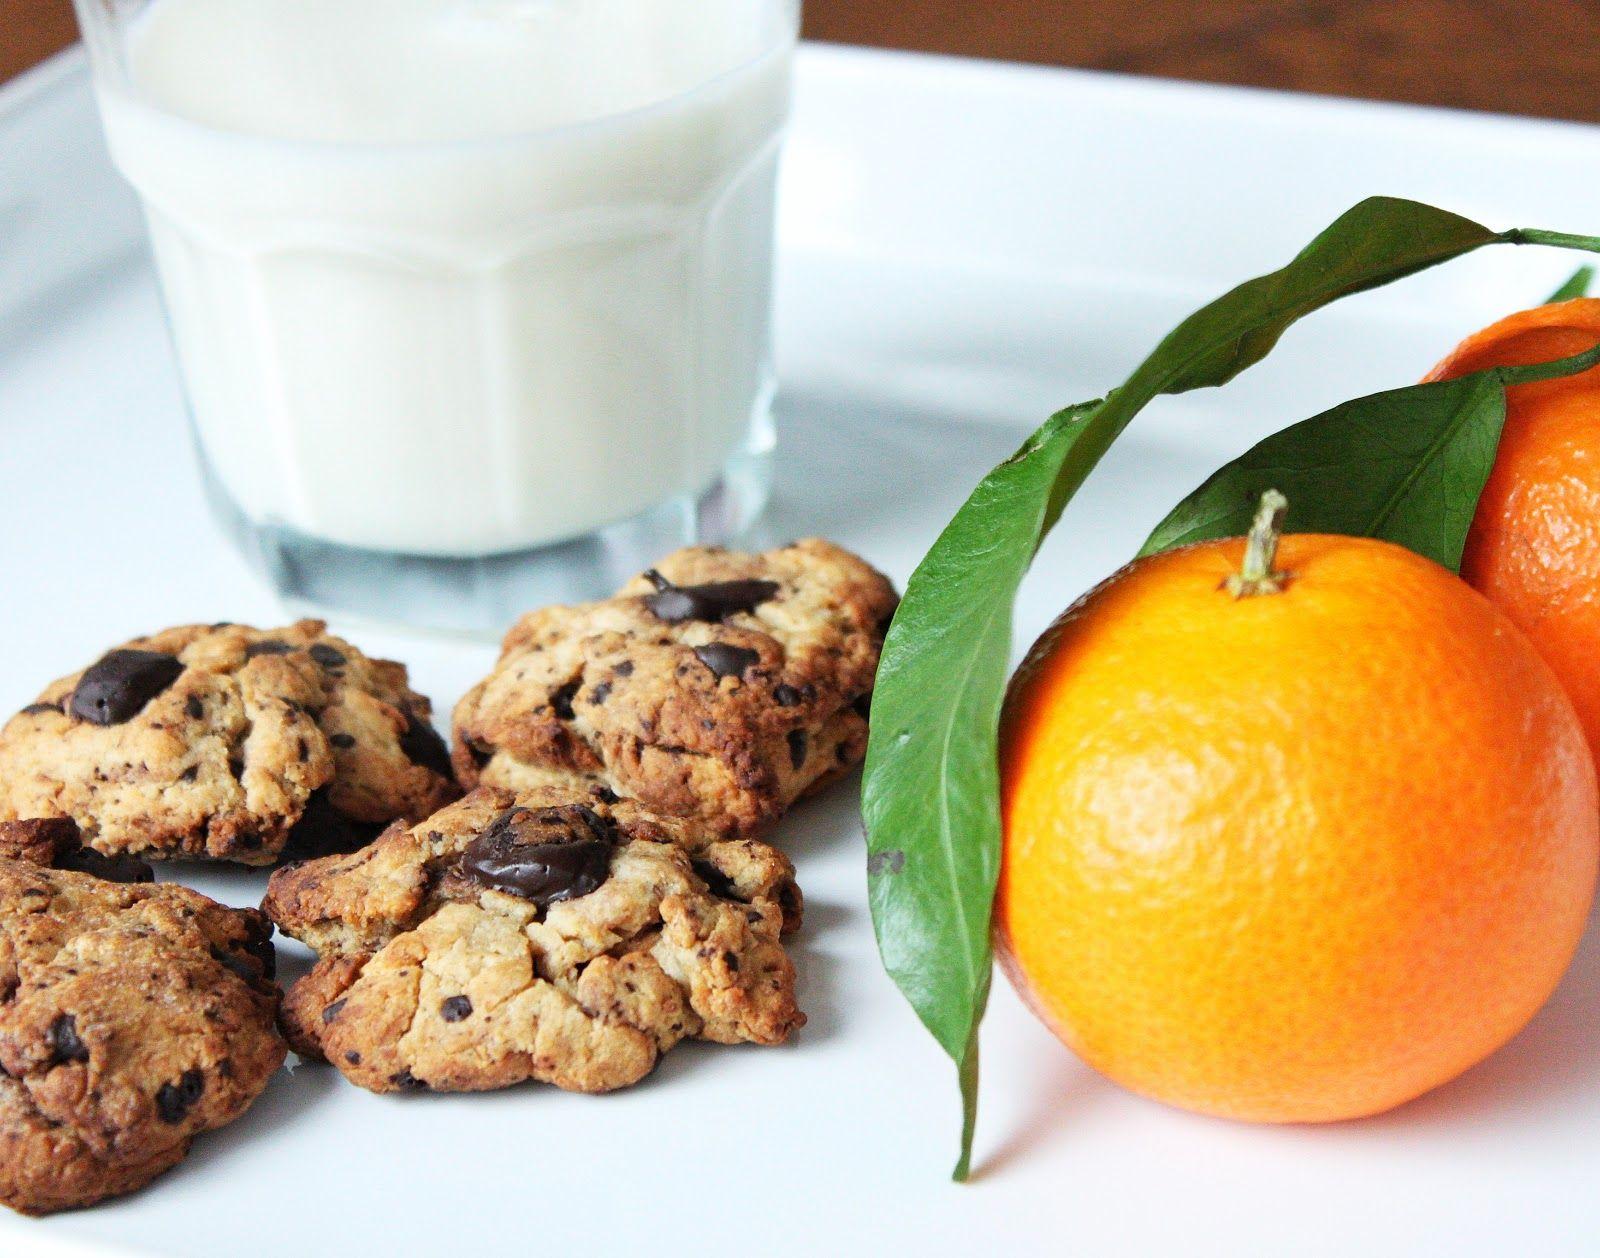 Cookies rustiques à la purée de cacahuètes  http://sofvousinvite.blogspot.fr/2012/12/cookies-rustiques-au-chocolat-et-la.html?m=0